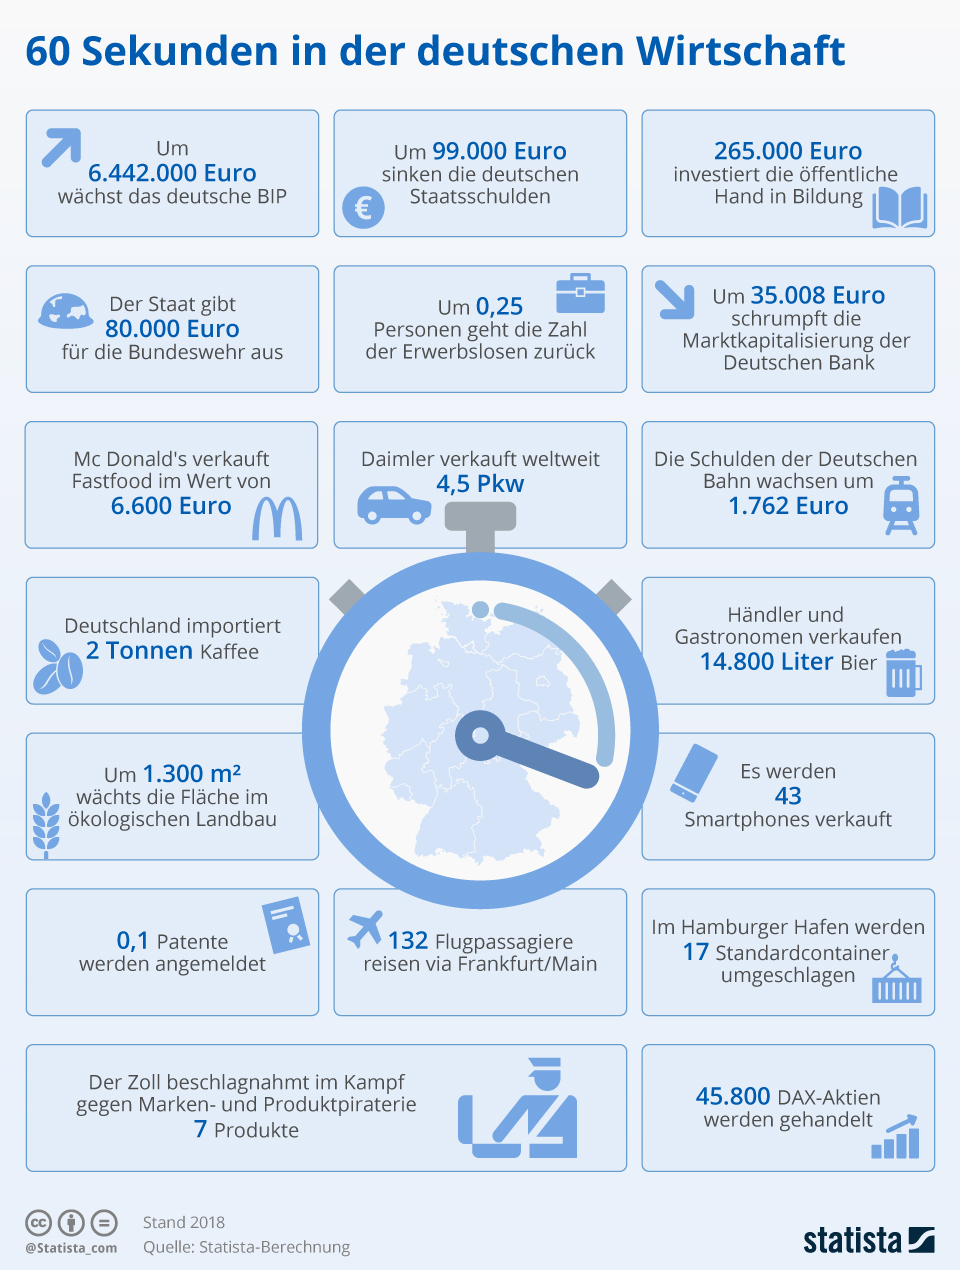 Infografik: 60 Sekunden in der deutschen Wirtschaft | Statista